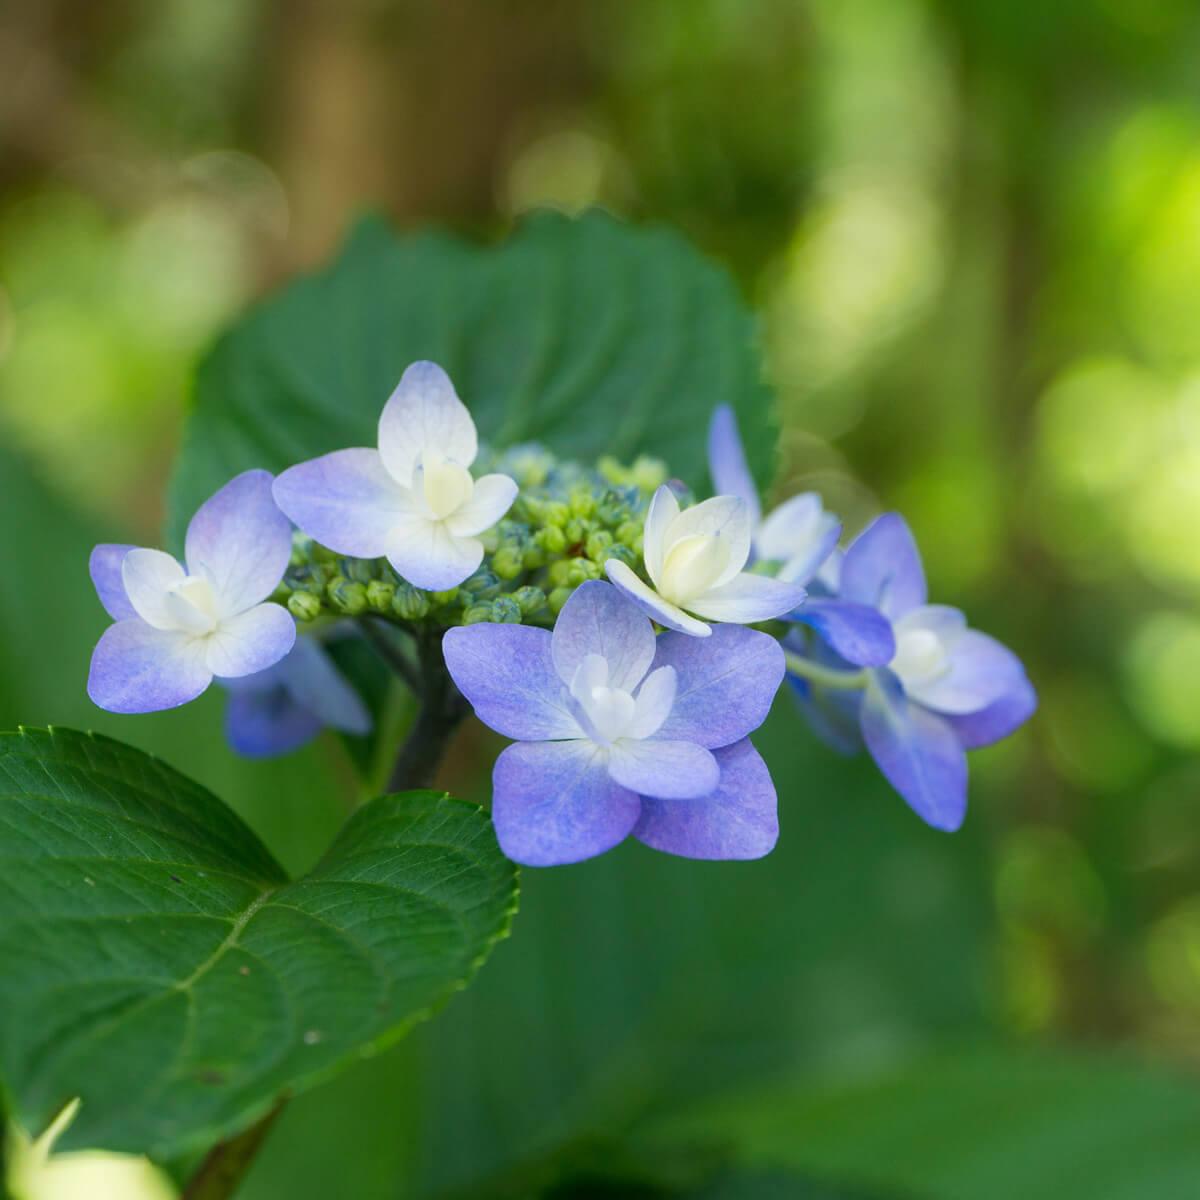 屋久島の紫陽花 屋久島花とジュエリー オーダーメイドジュエリーのモチーフ